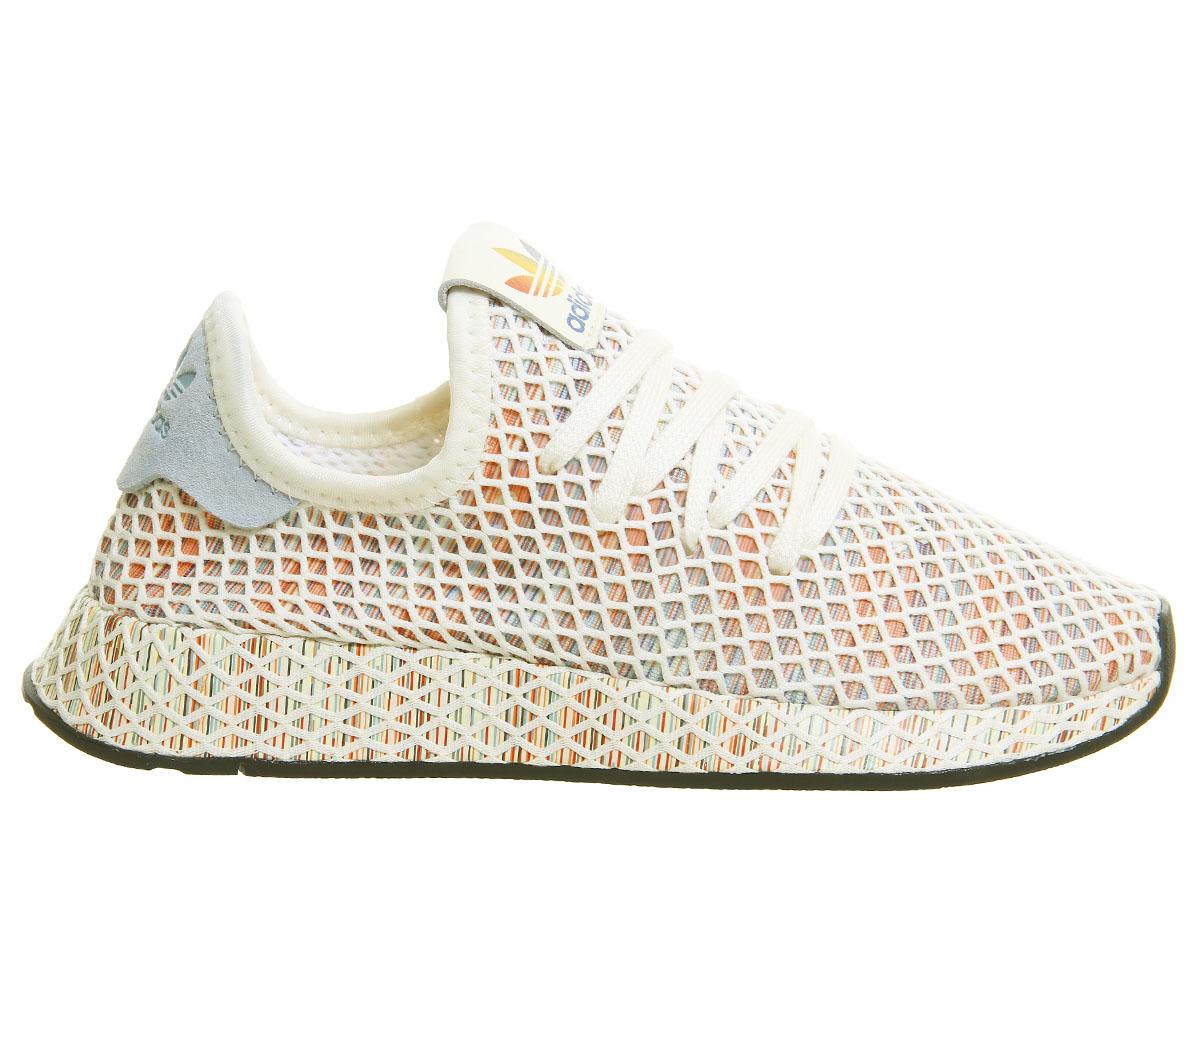 buy popular f6b38 4eb41 CENTINELA Hombres Adidas Deerupt entrenadores orgullo crema base blanco  negro zapatillas zapatos